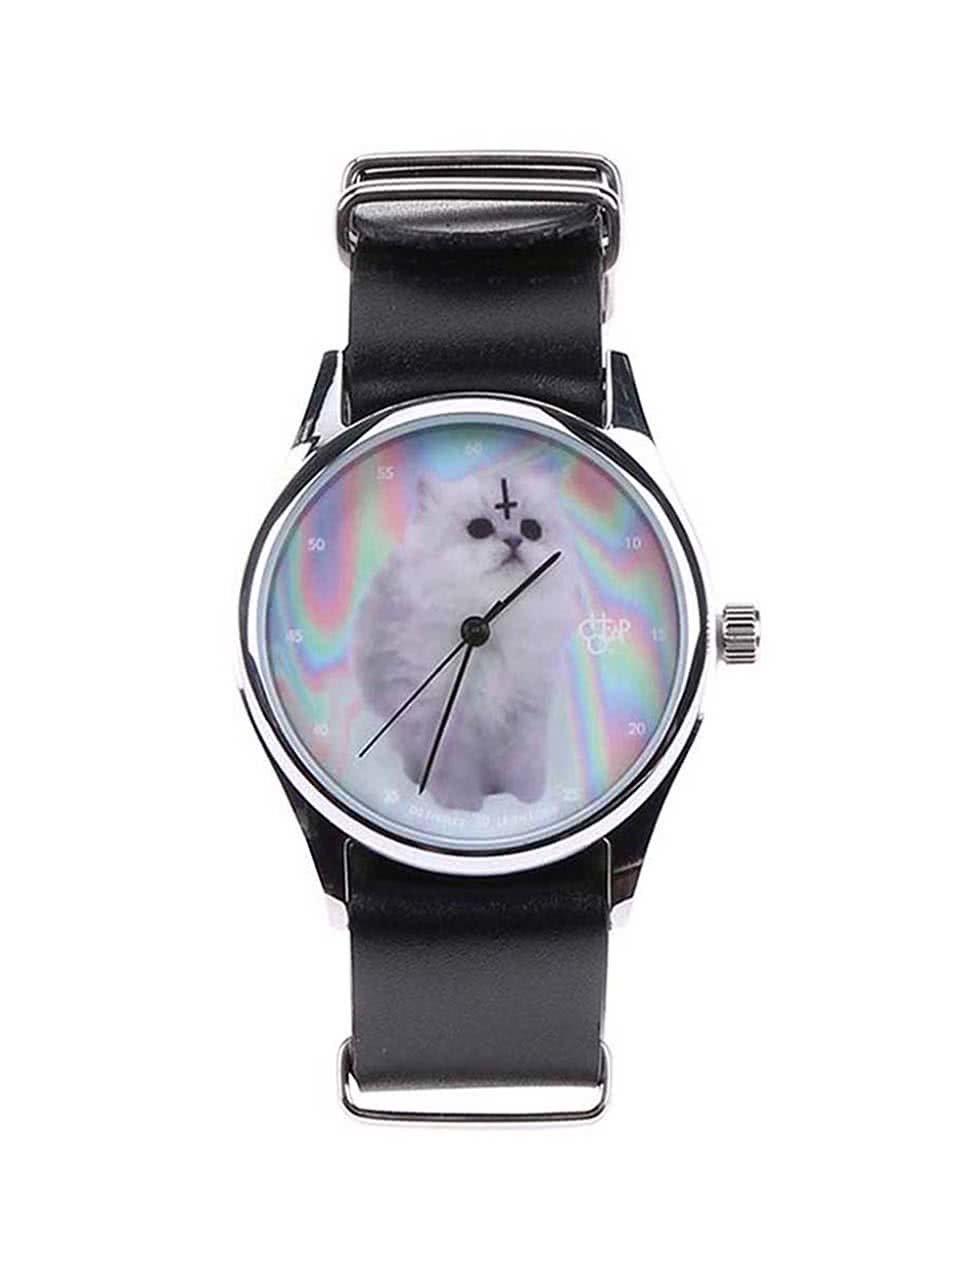 Unisex hodinky ve stříbrné barvě s černým koženým páskem Cheapo Cat